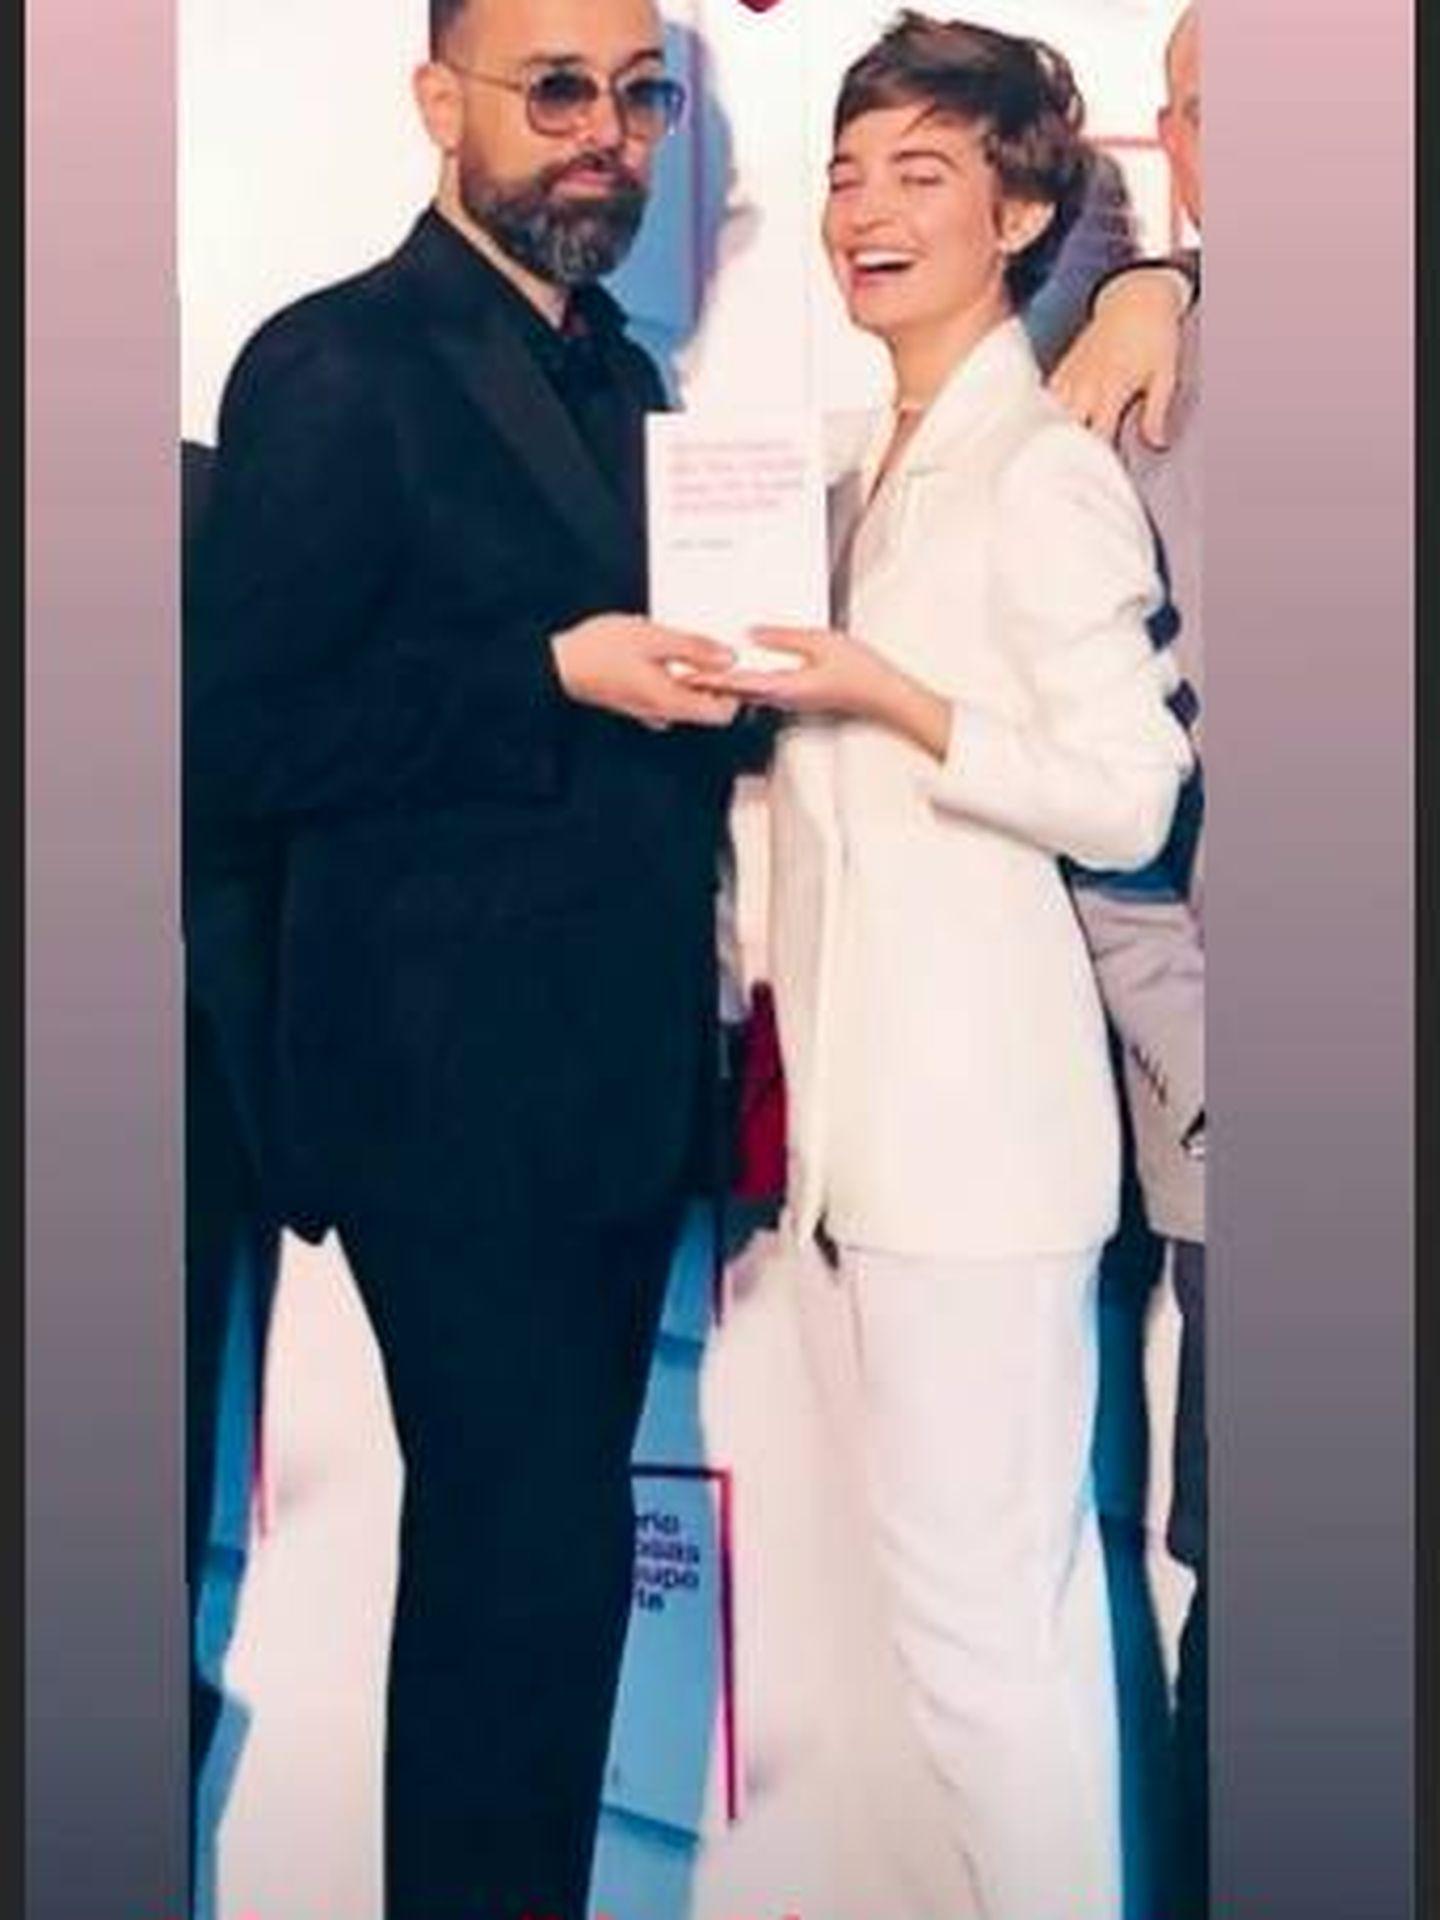 La pareja en la presentación del libro de Risto Mejide en un storie subido por la estilista Pilar Fernández. (Instagram)